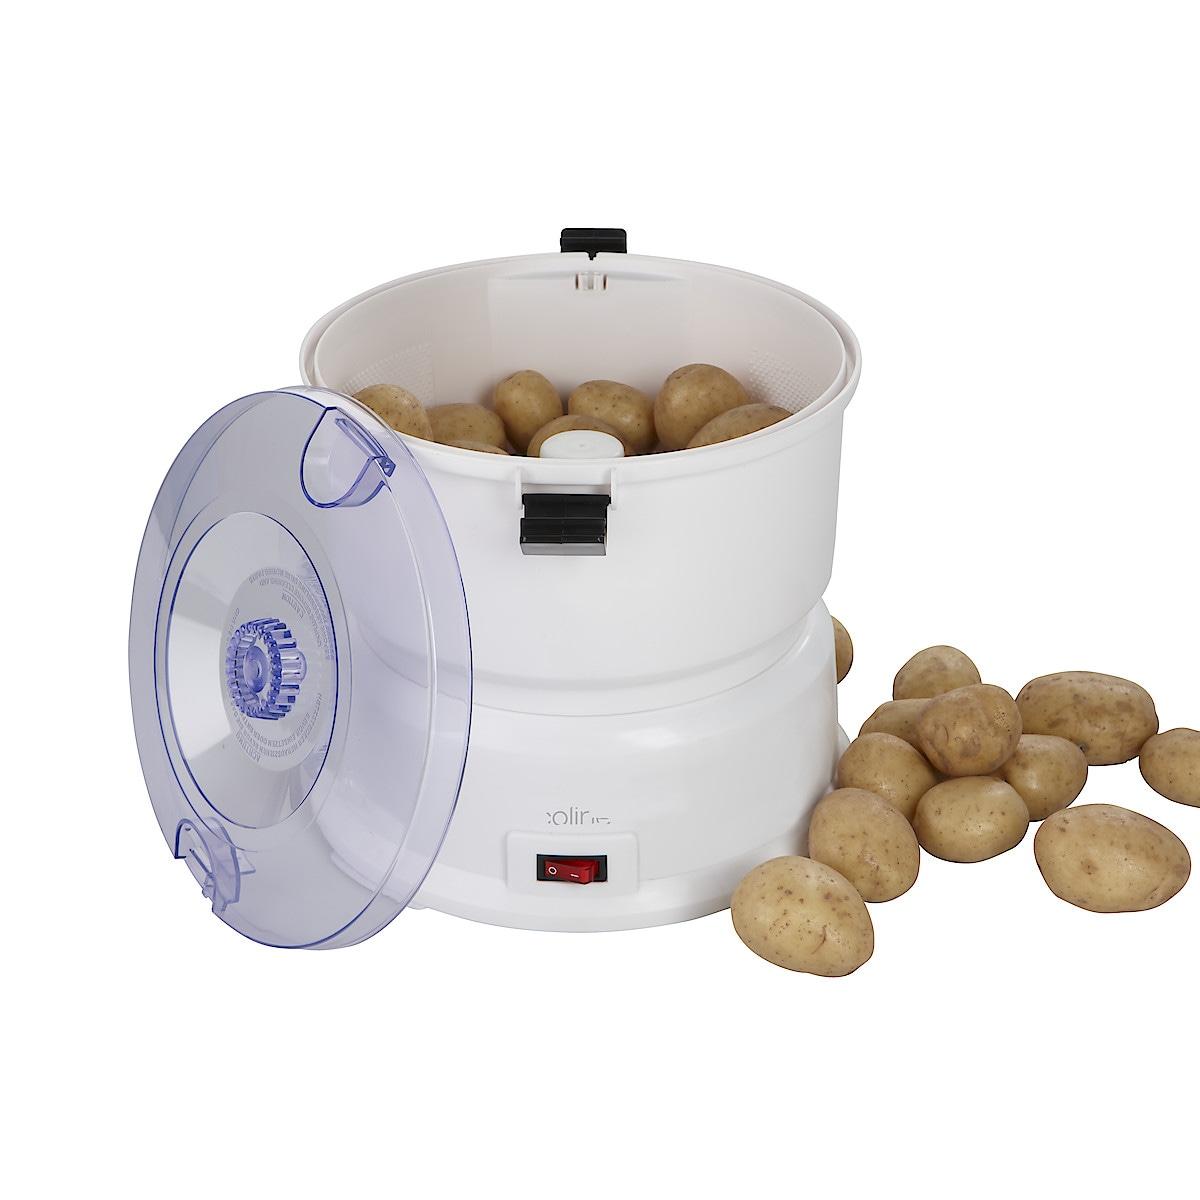 Coline potetskreller